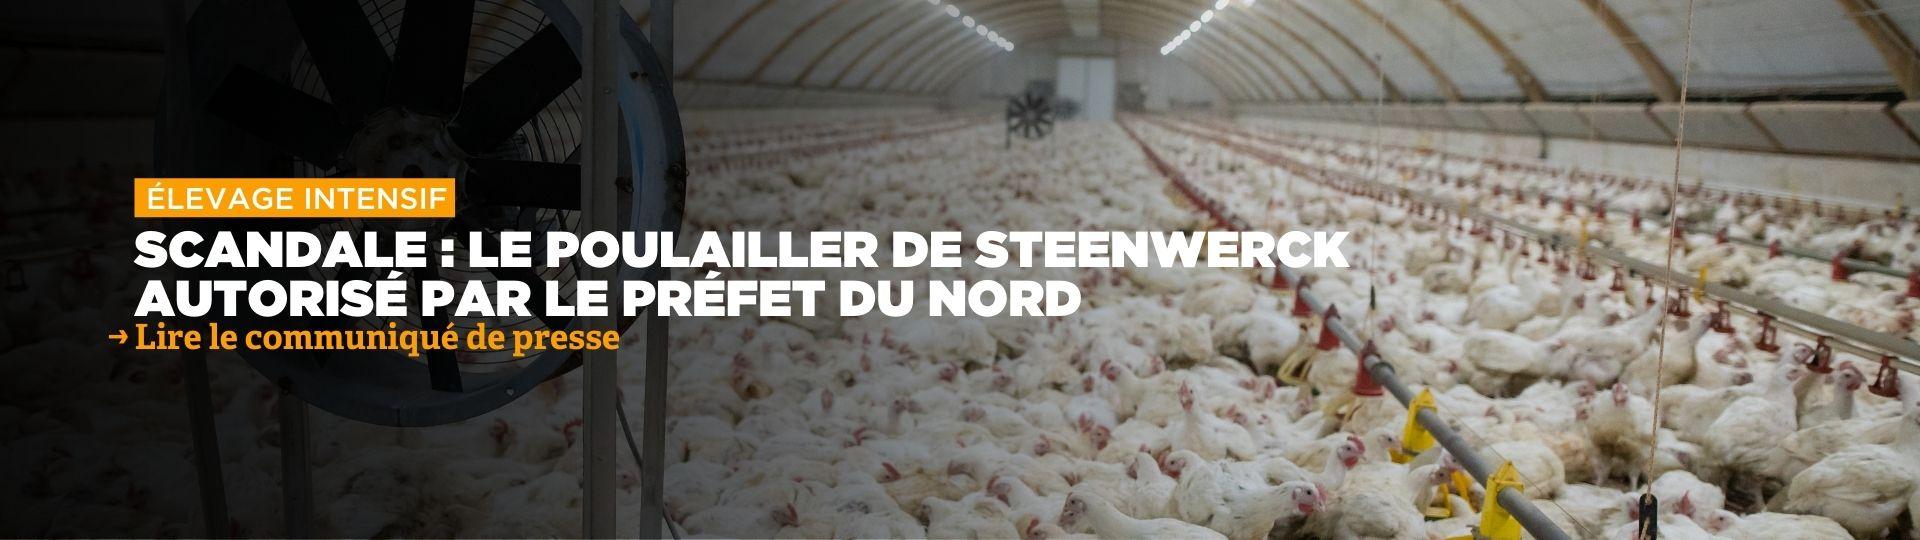 Nord : le préfet autorise la construction d'un élevage intensif de poulets